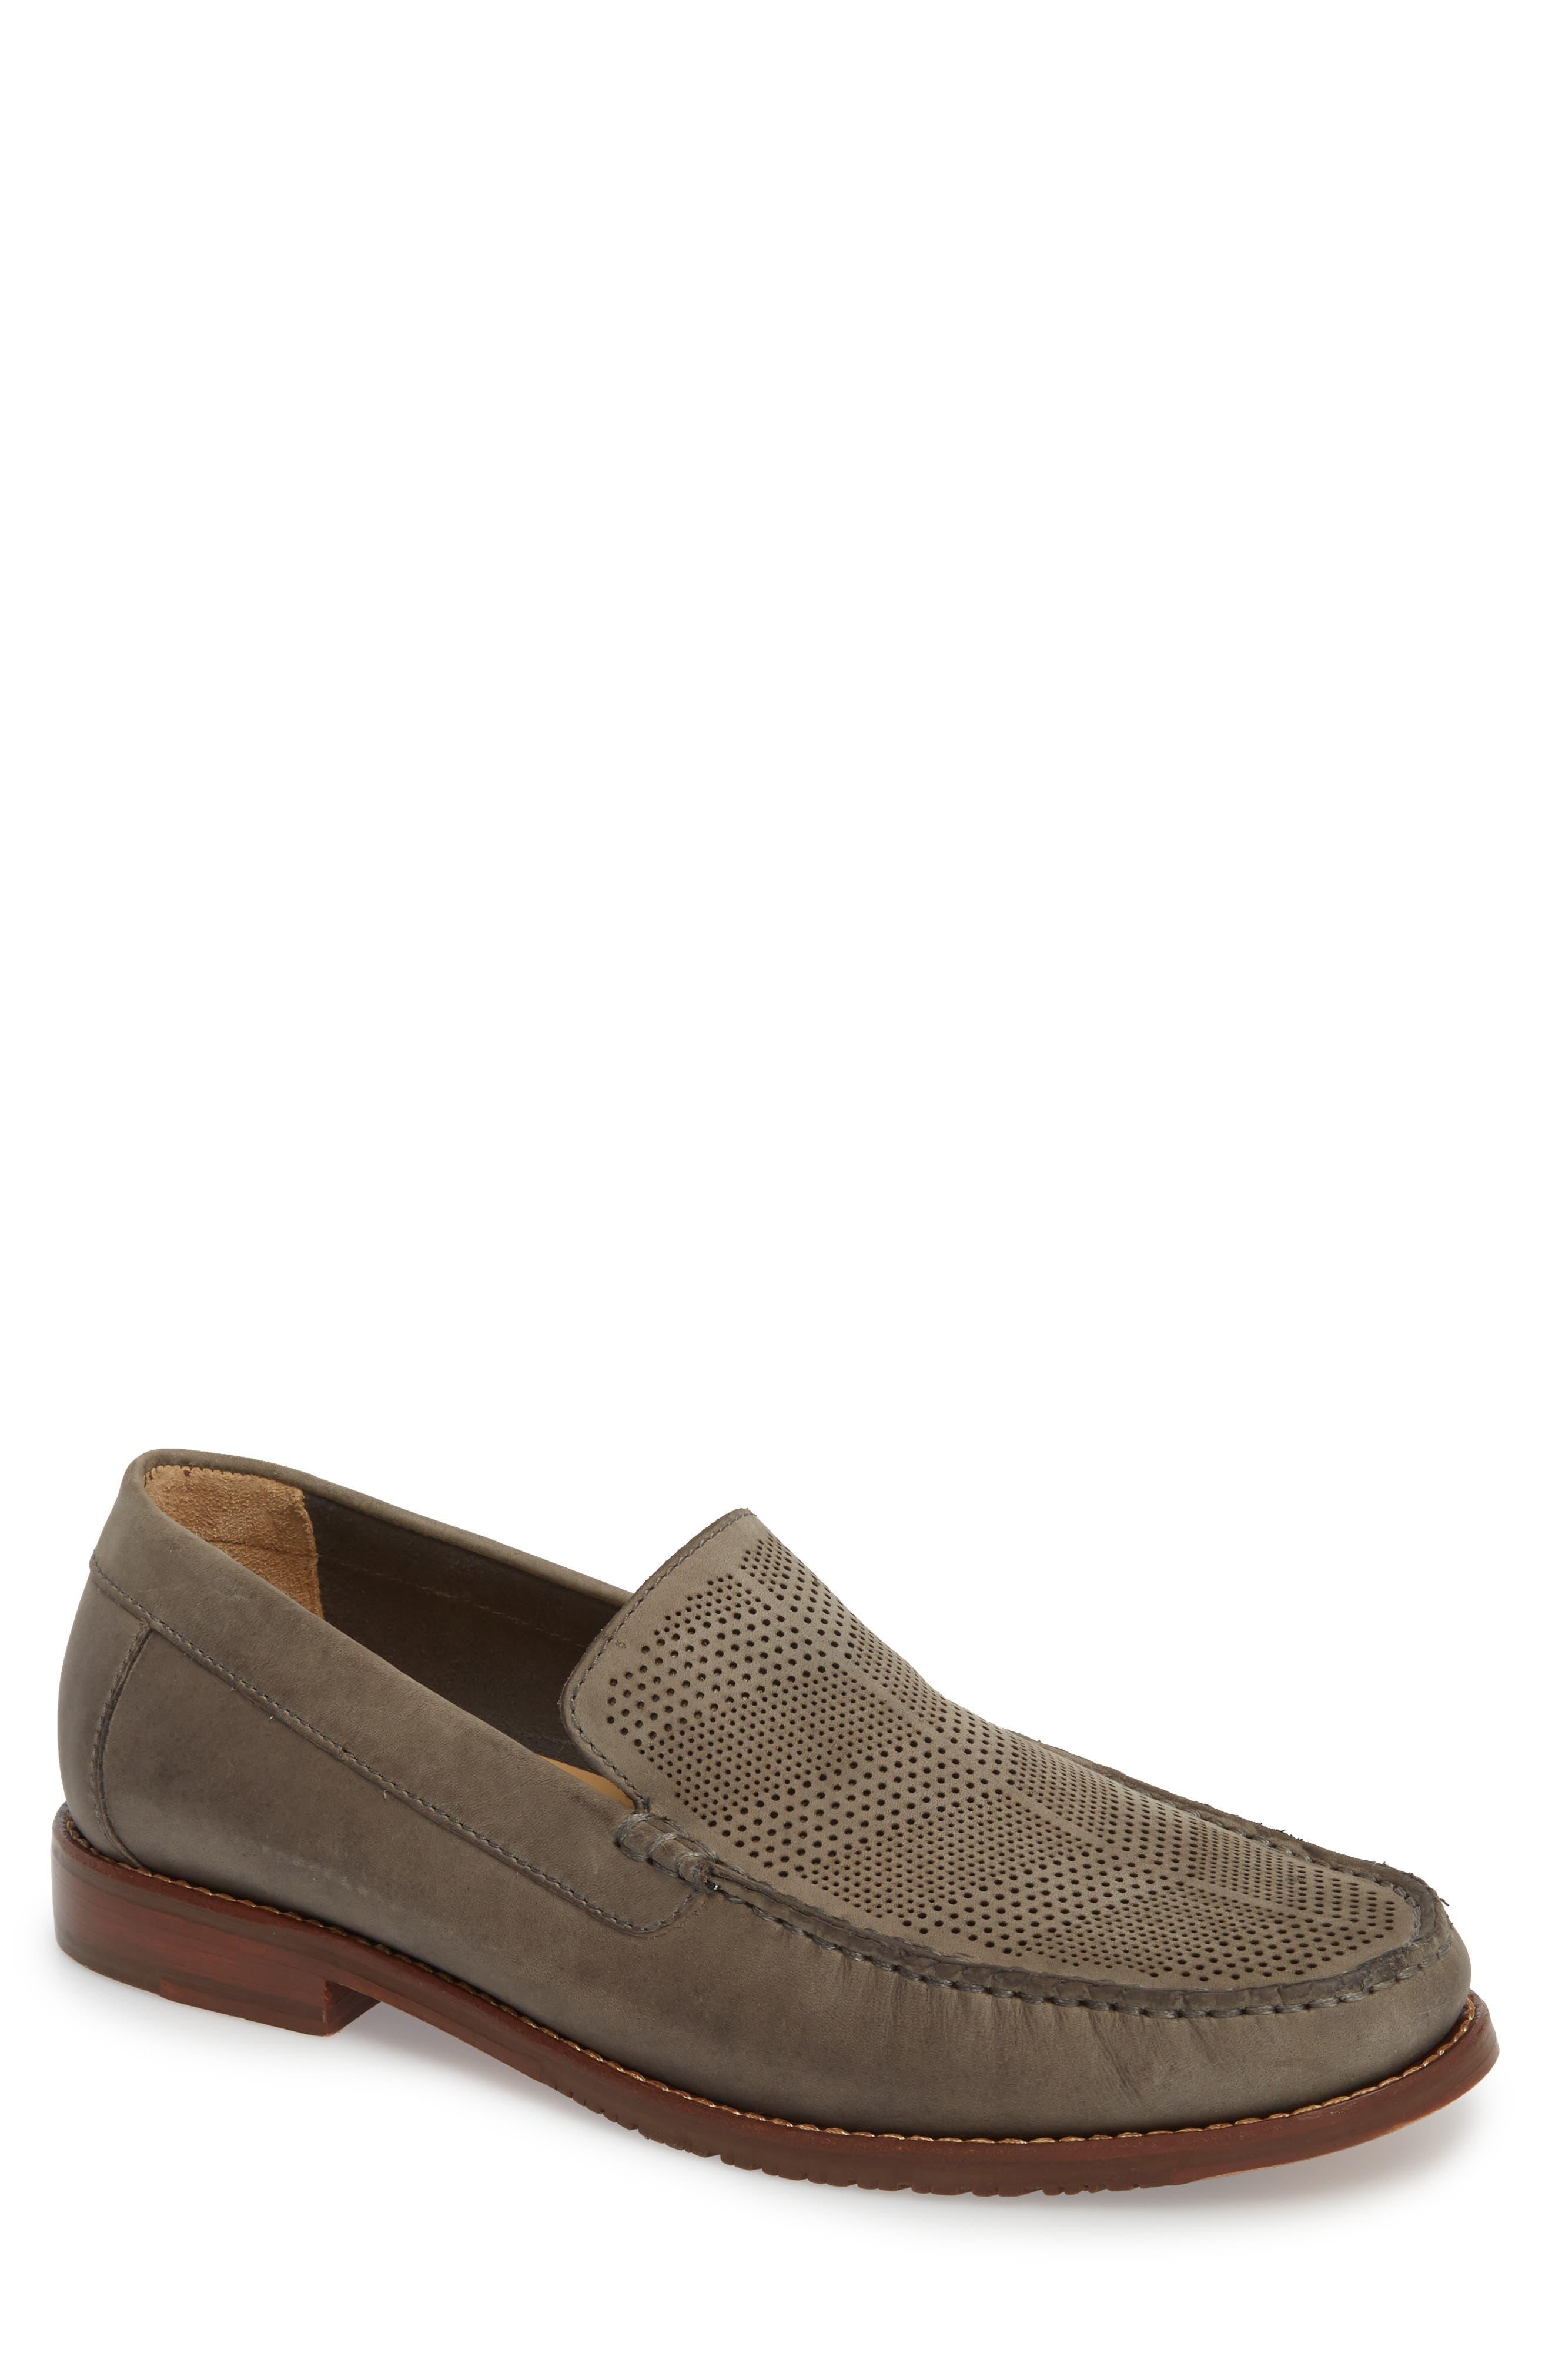 Felton II Venetian Loafer,                             Main thumbnail 1, color,                             Grey Nubuck